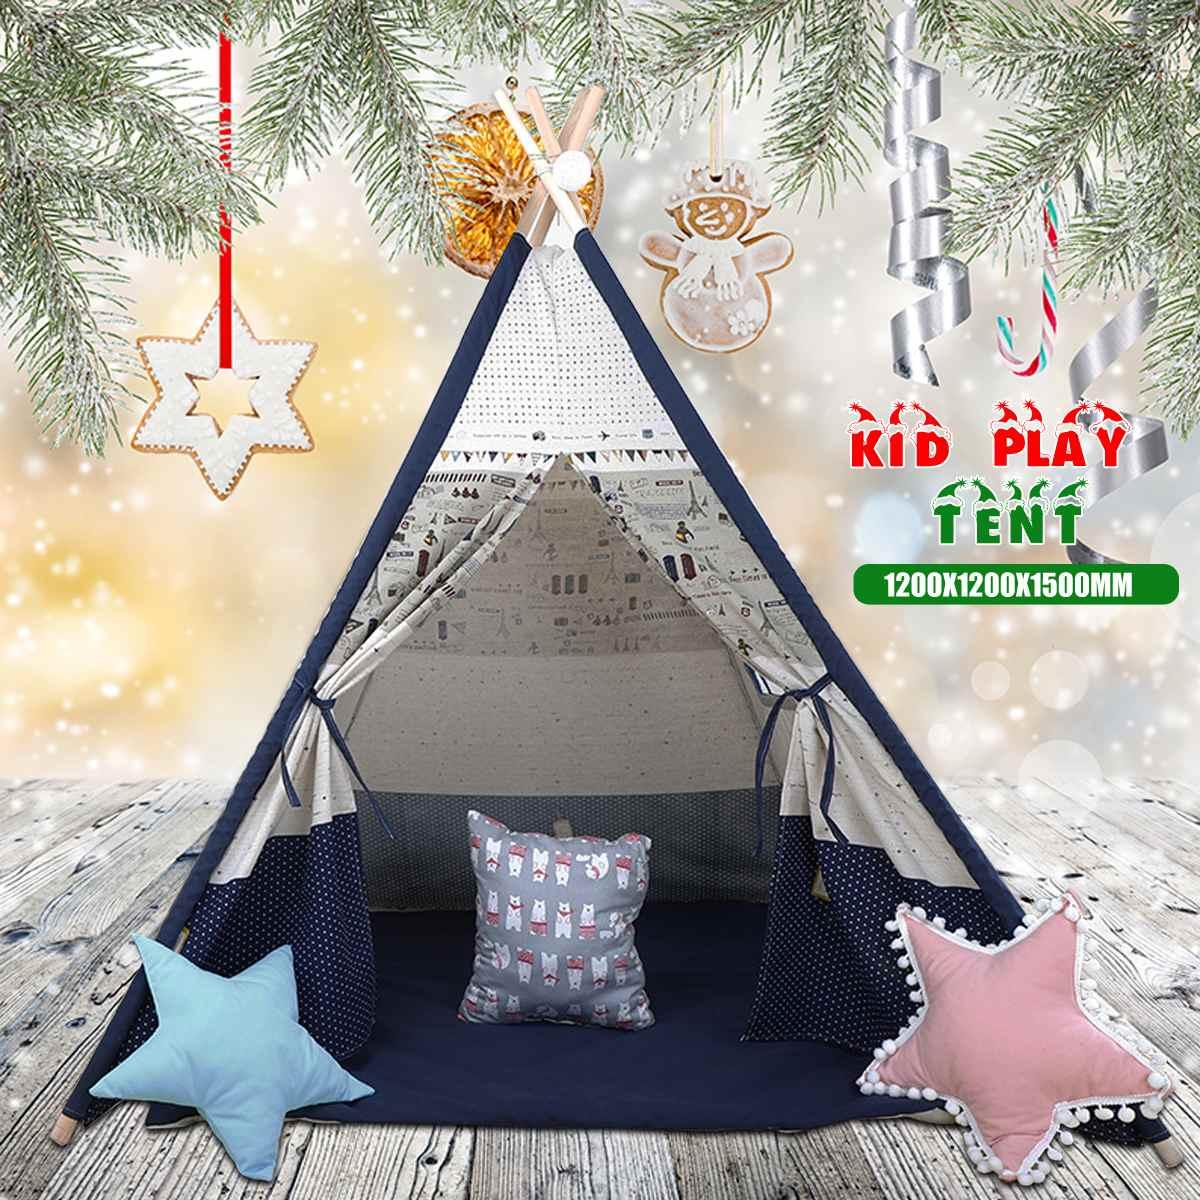 Grande tente de tipi enfants toile maison semblant jouer en plein air intérieur enfant cadeaux de noël 1200x1200x1600mm